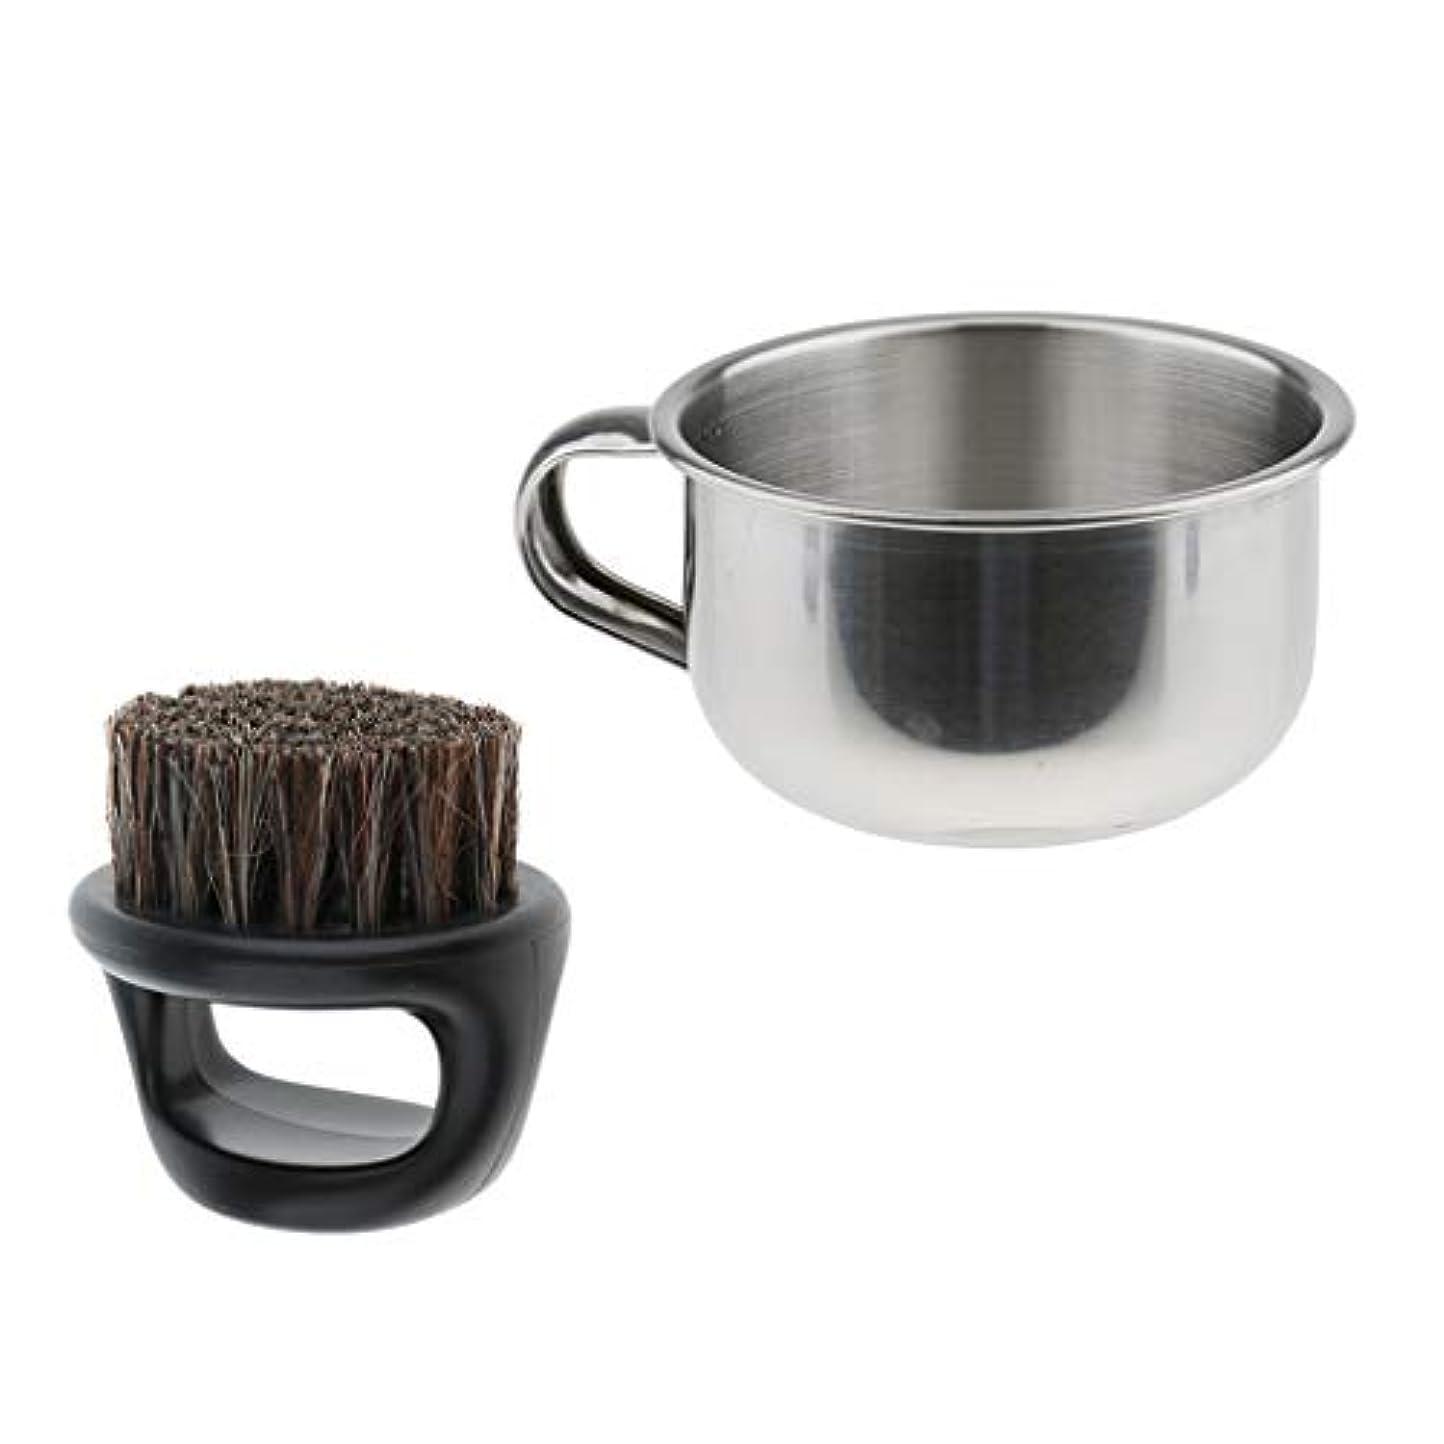 夜間ソファー感度シェービングブラシ シェービングボウル メンズ 髭剃り シェービング用アクセサリー サロン 理髪用 2点